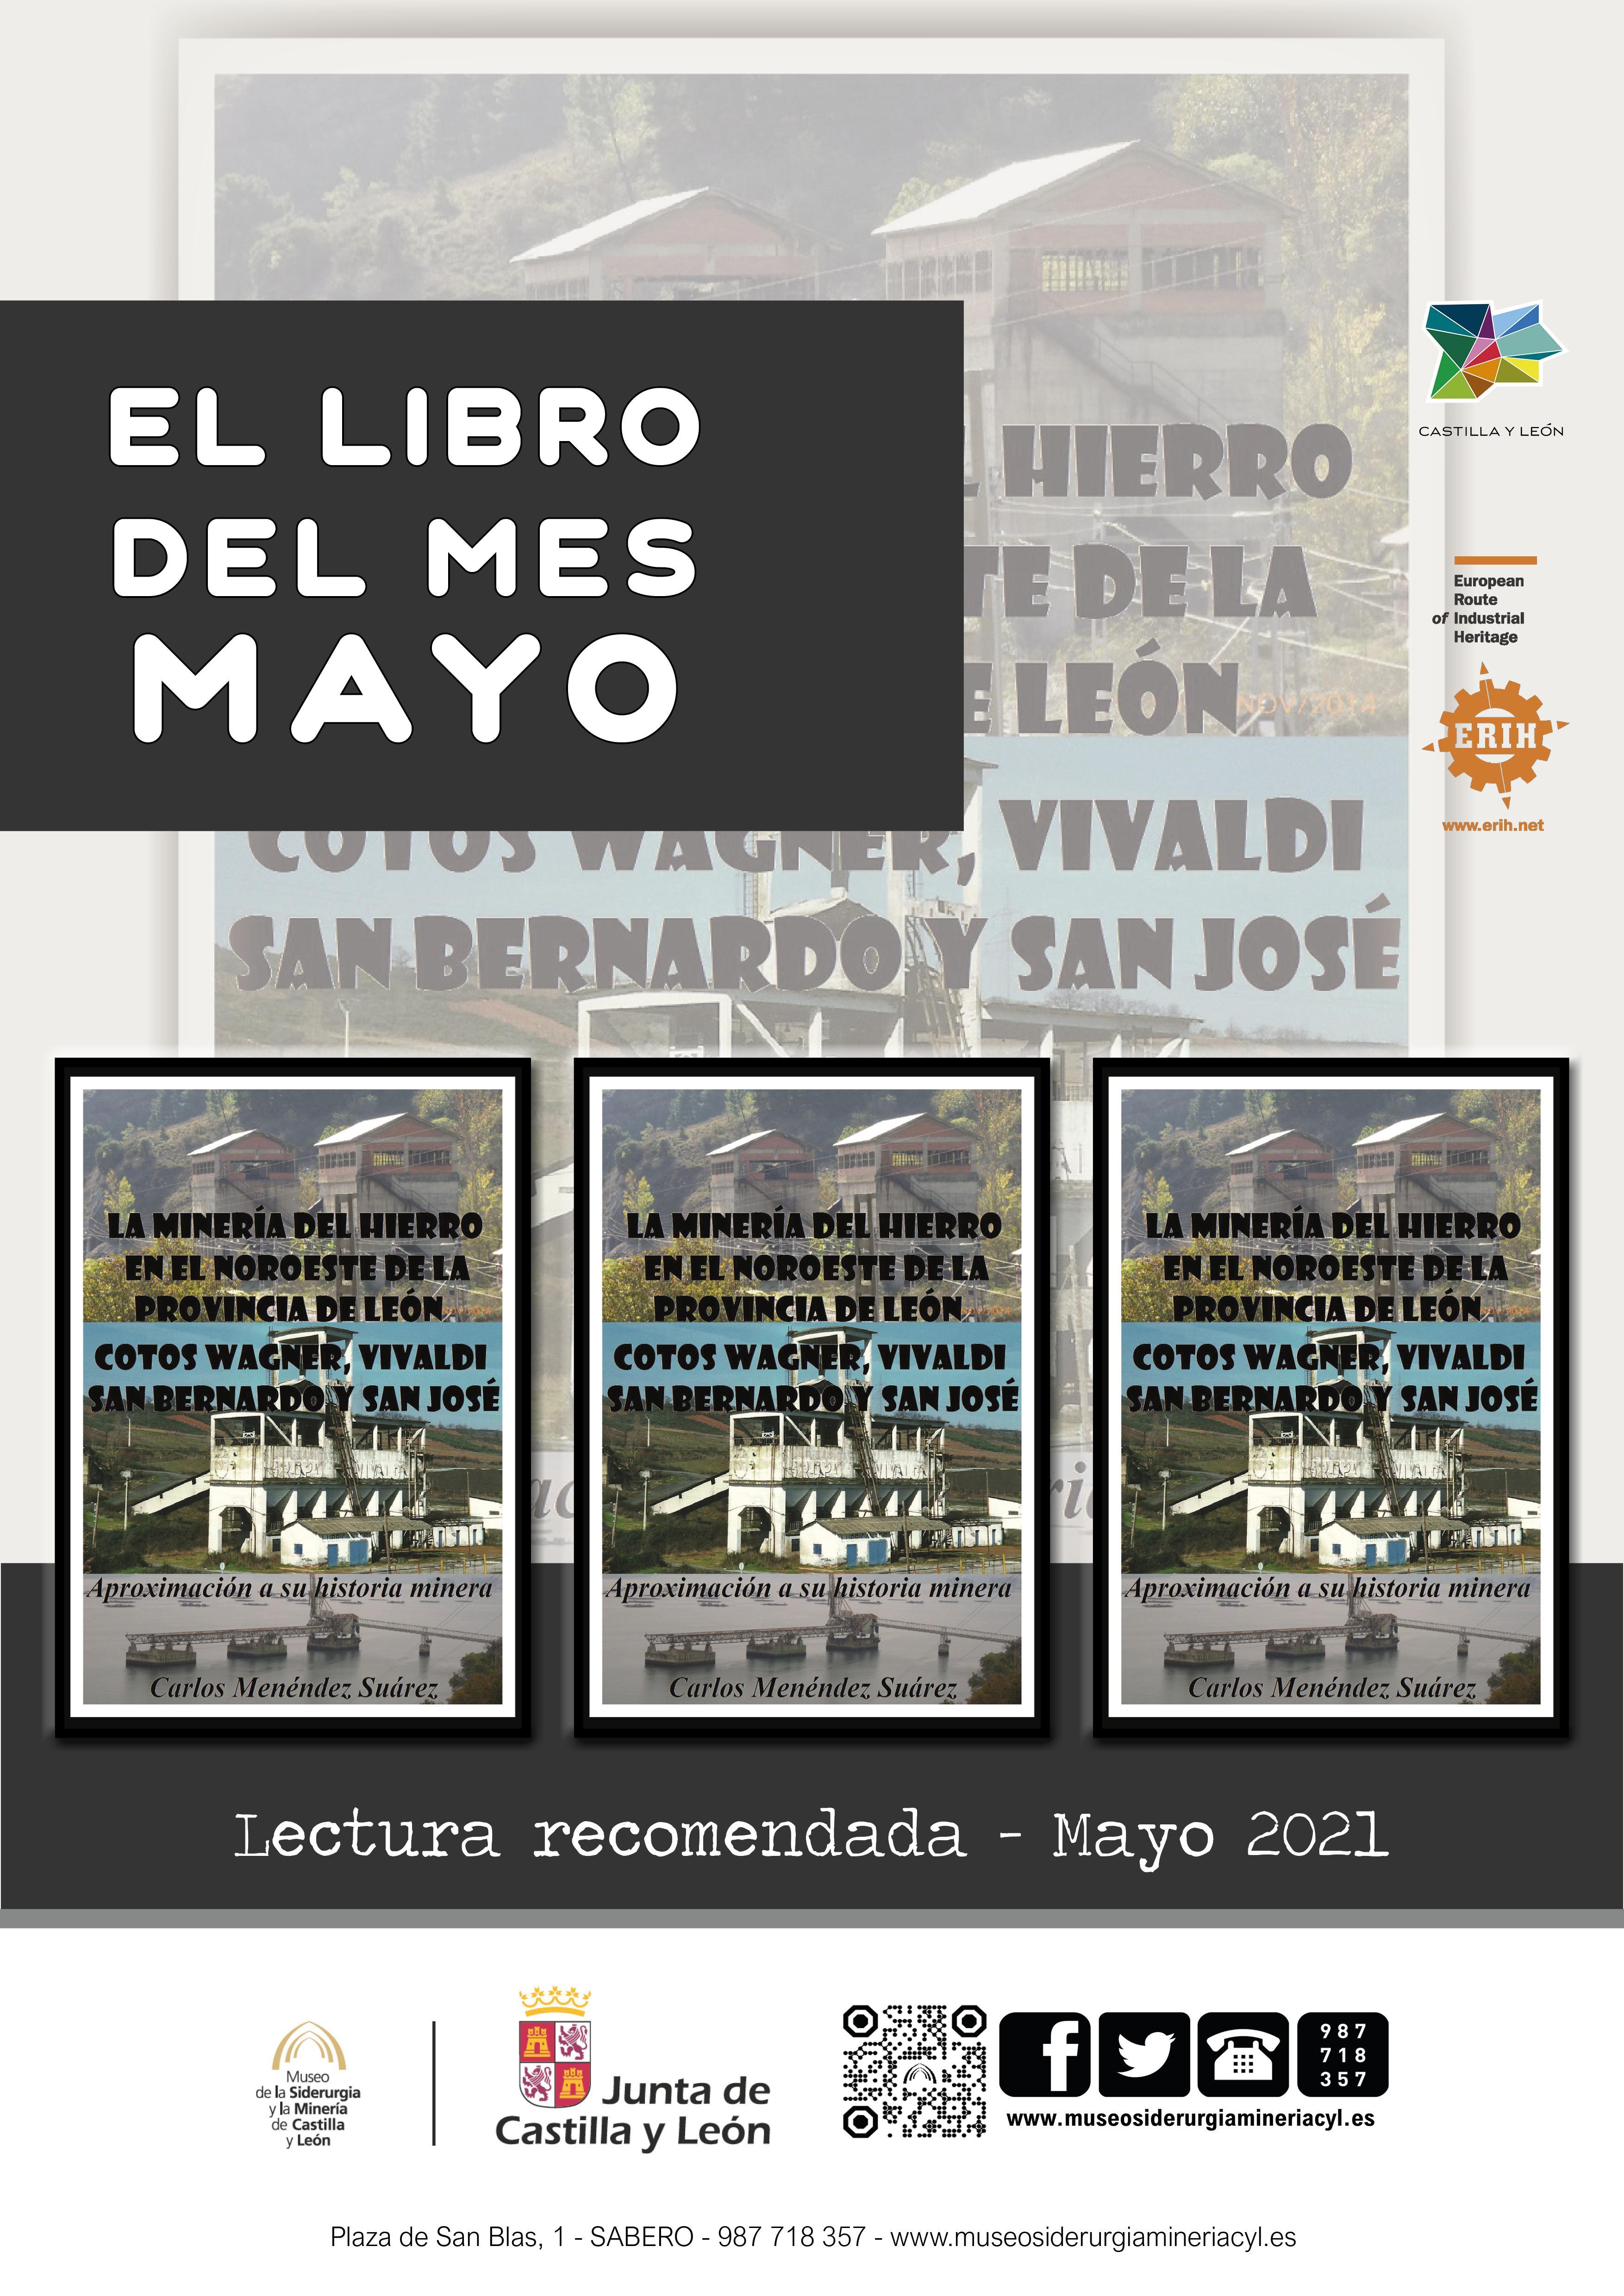 Museo de la Siderurgia y Minería / El libro del Mes0